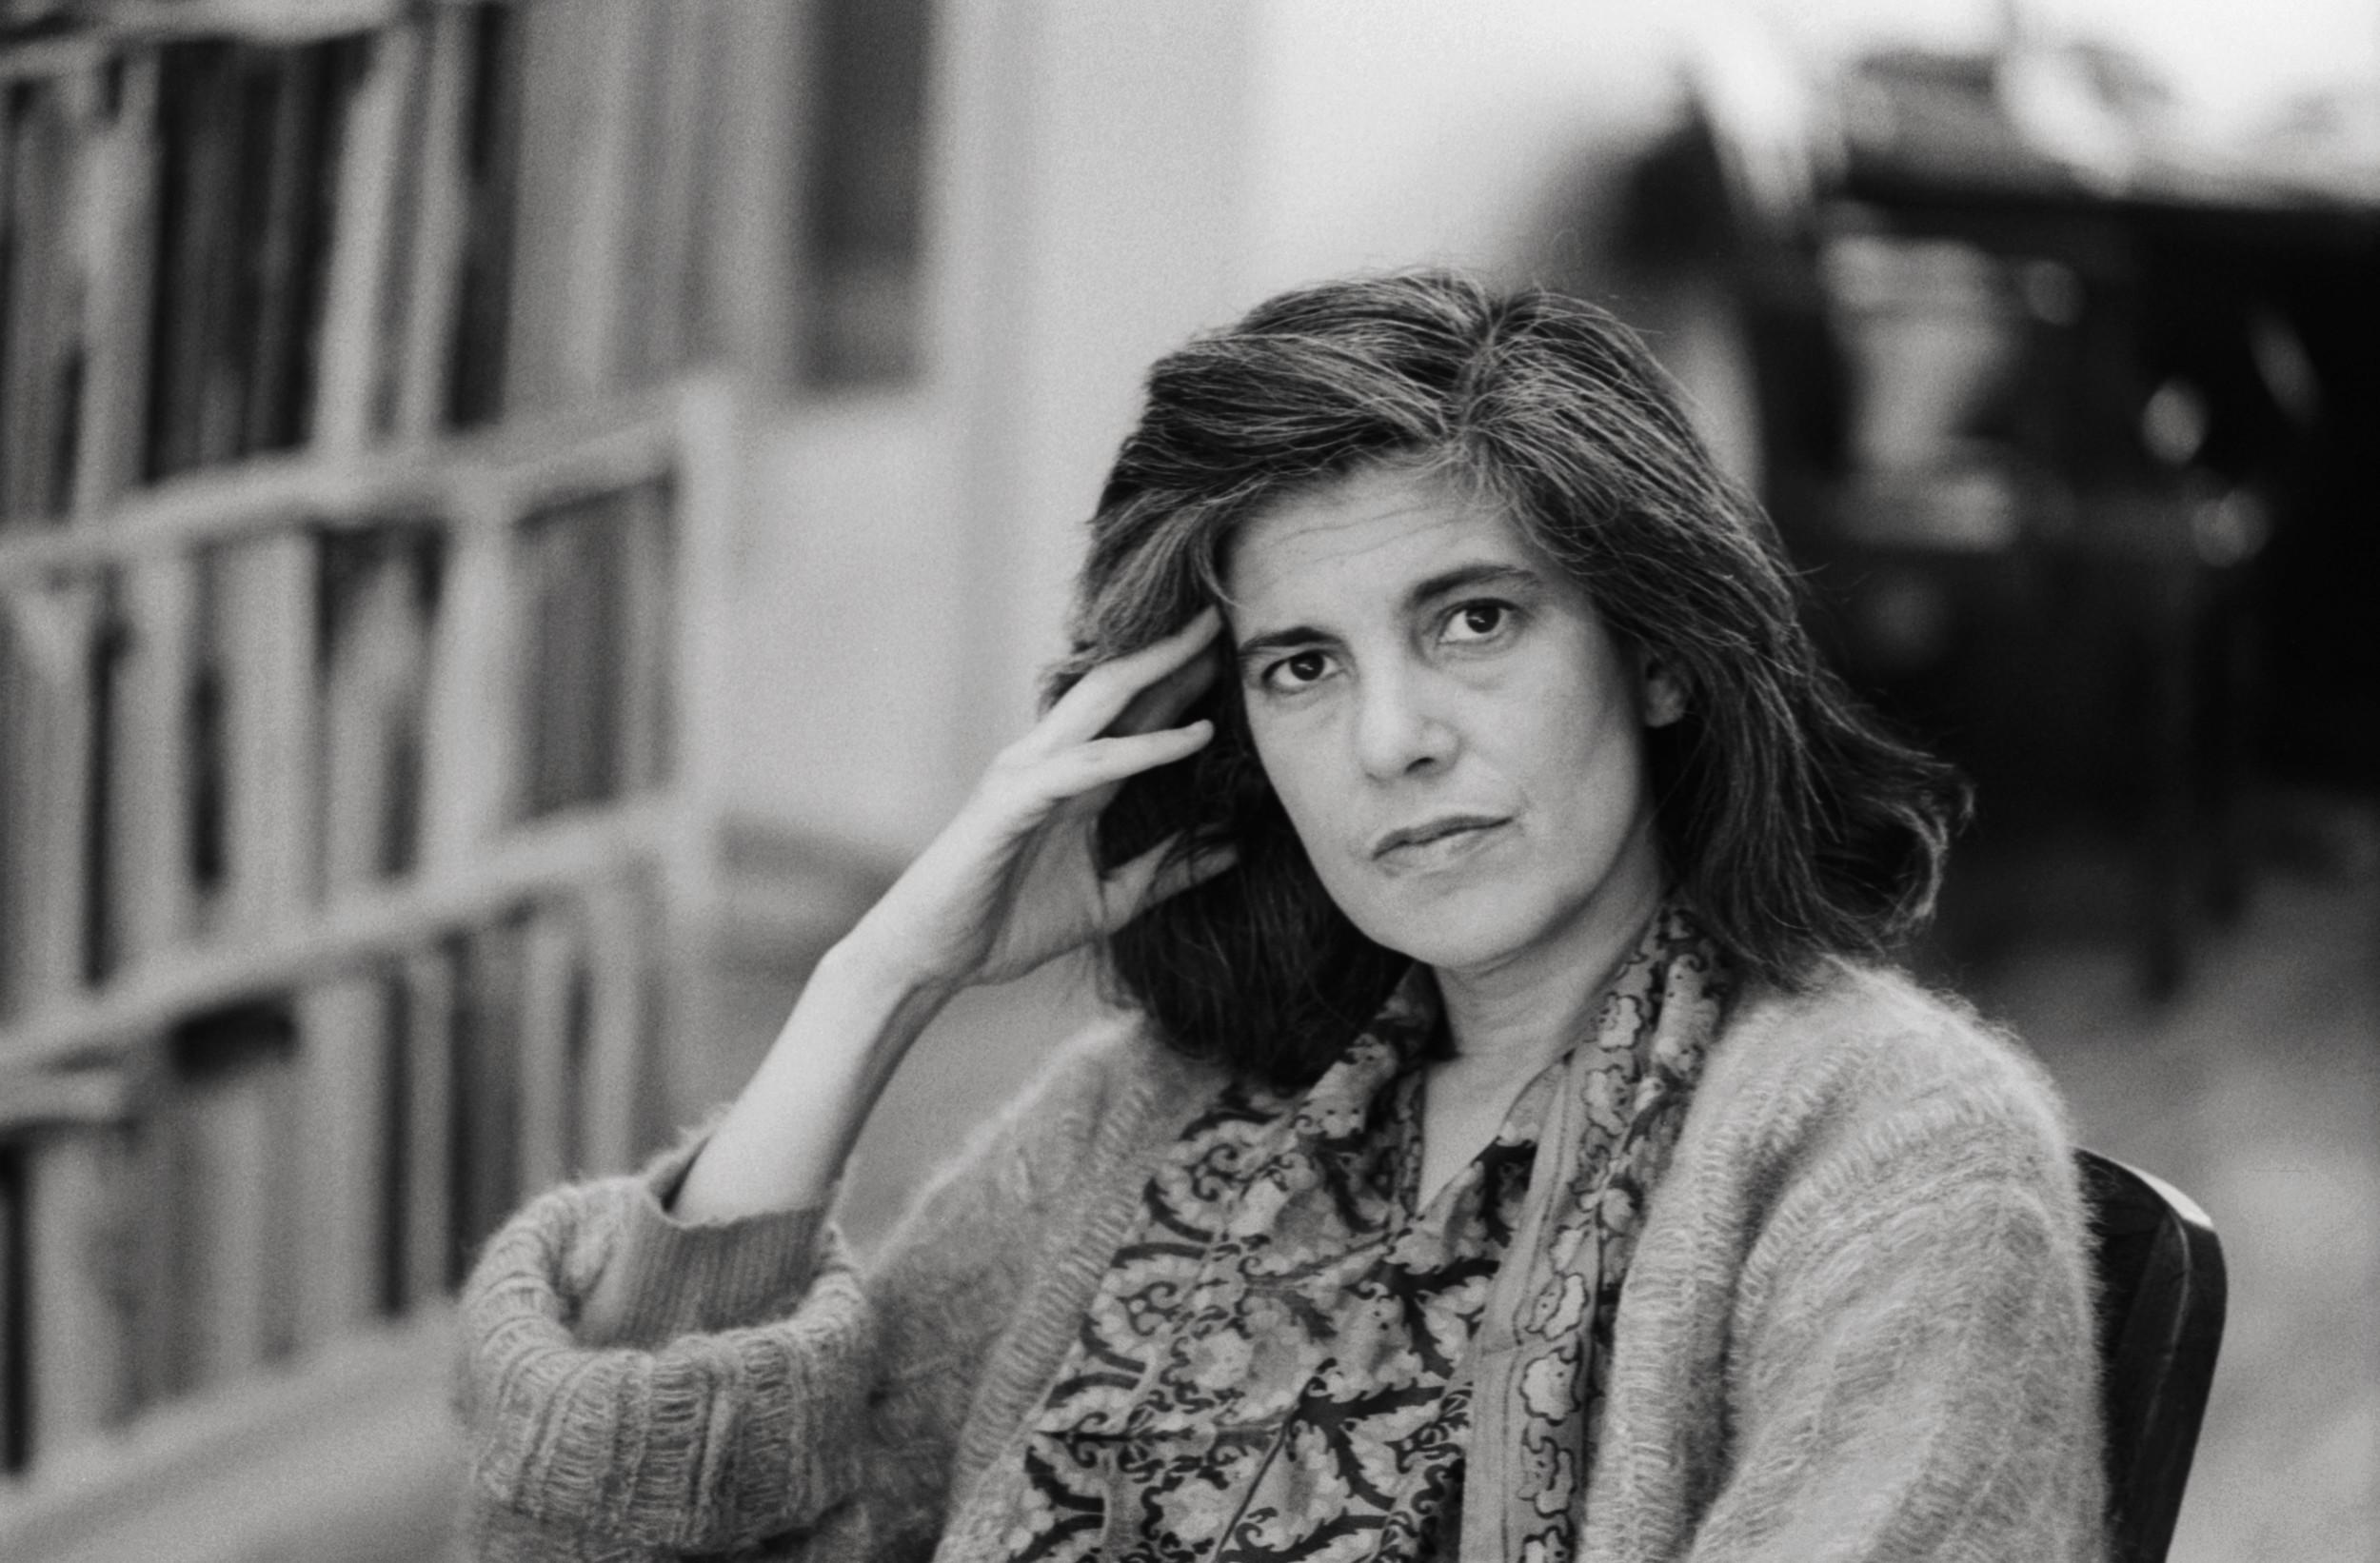 美国文化评论家、小说家苏珊·桑塔格